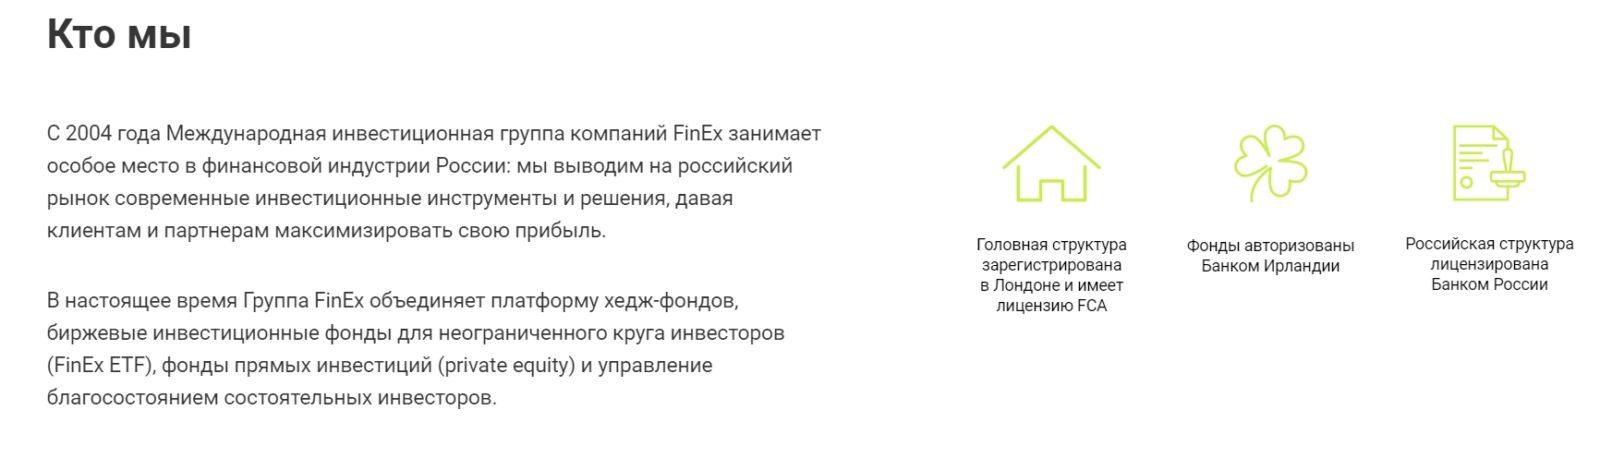 Проект Finex ETF